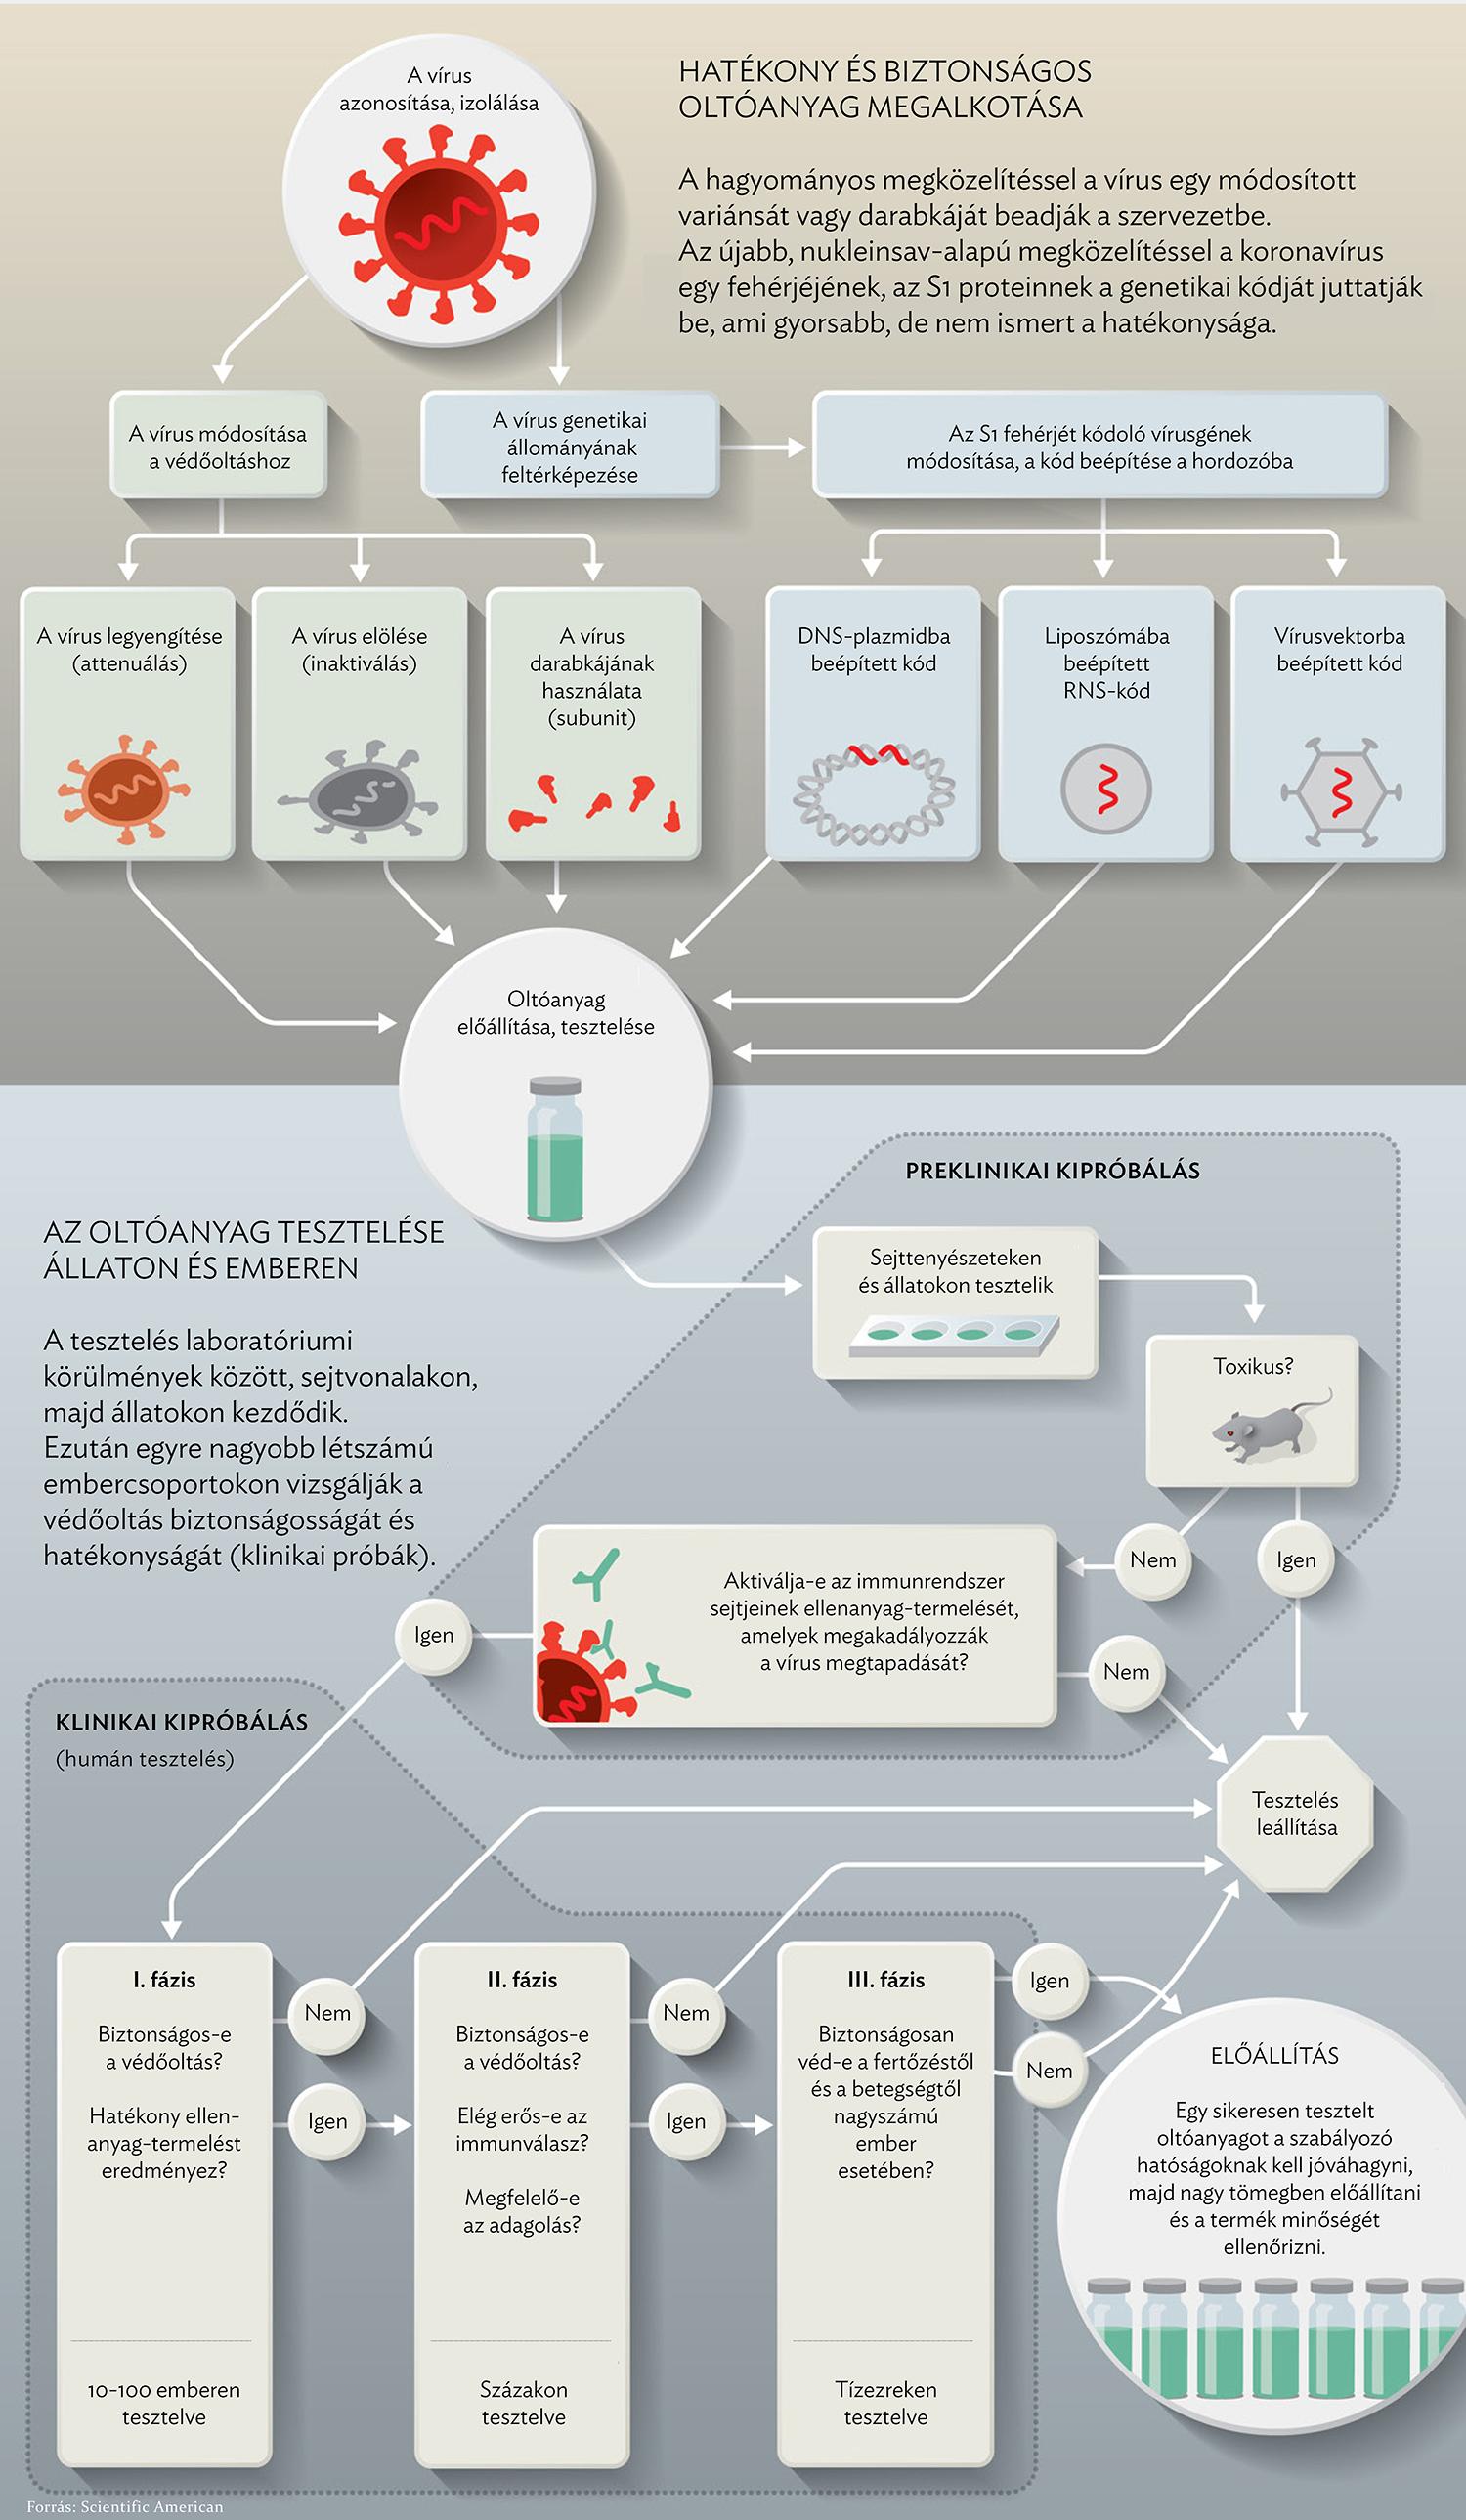 papilloma vírus elleni vakcina ellenjavallatok 2020)